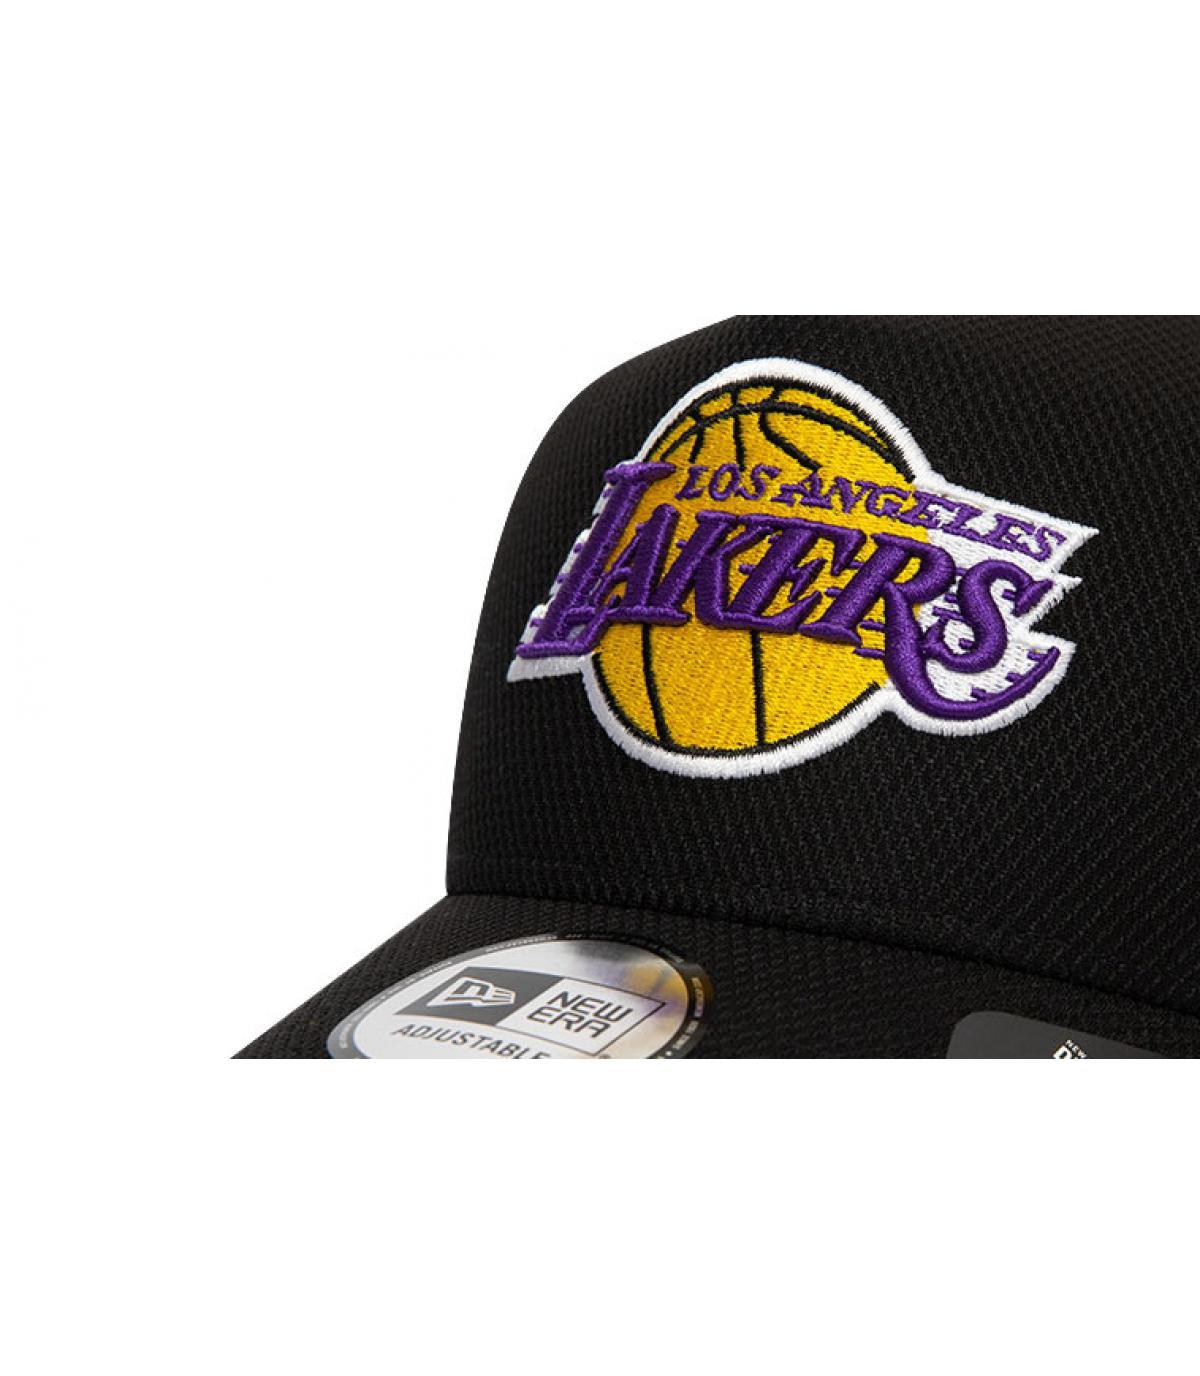 Détails Casquette League Ess Lakers Diamond Era Aframe - image 3